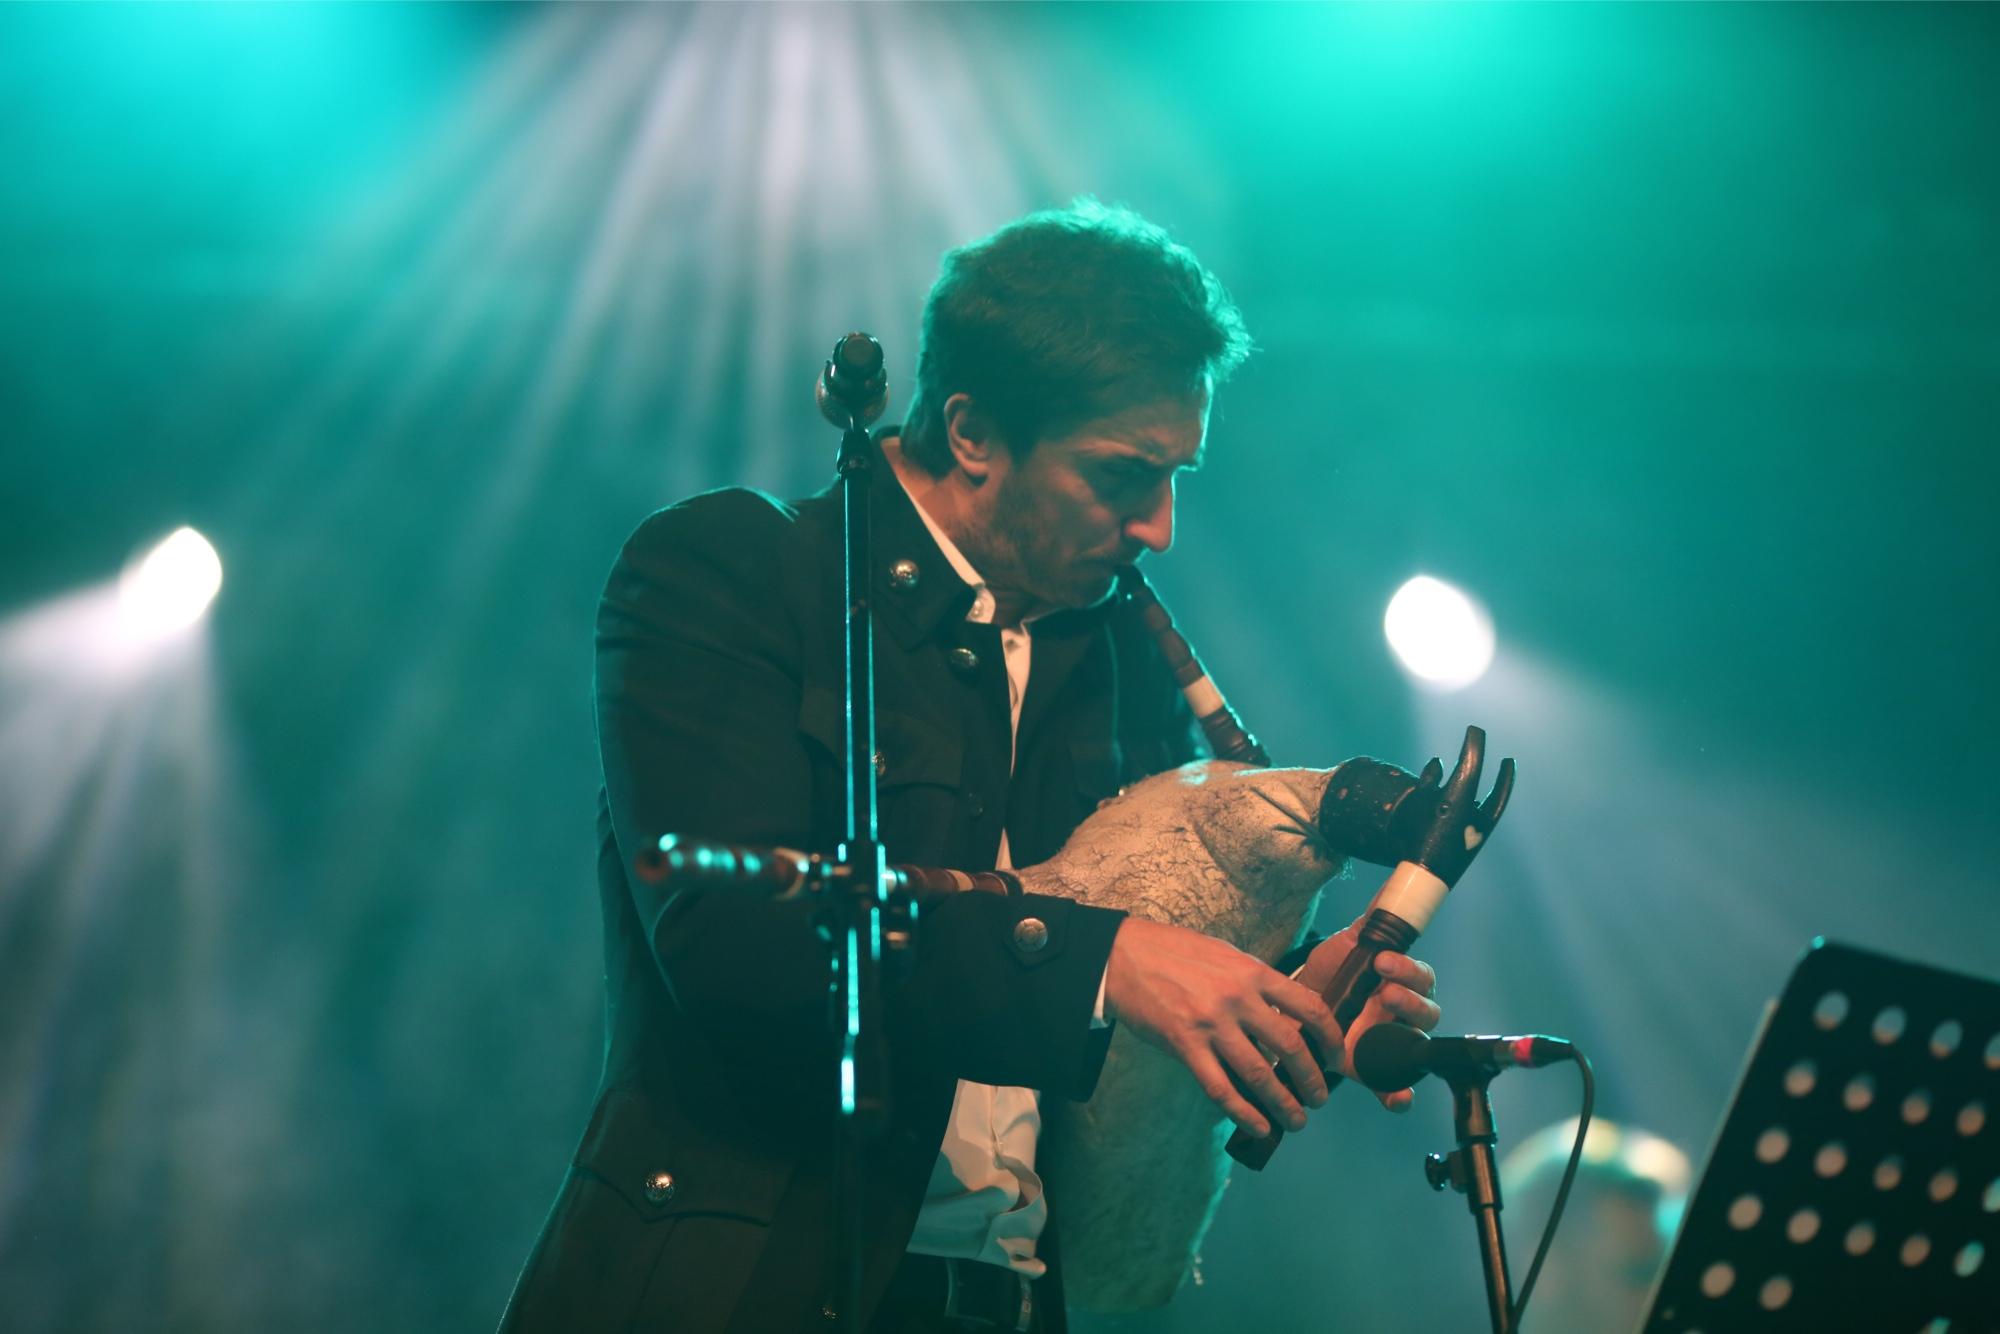 Wspaniały koncert na 25-lecie. Zakopower w elbląskim teatrze [zdjęcia]